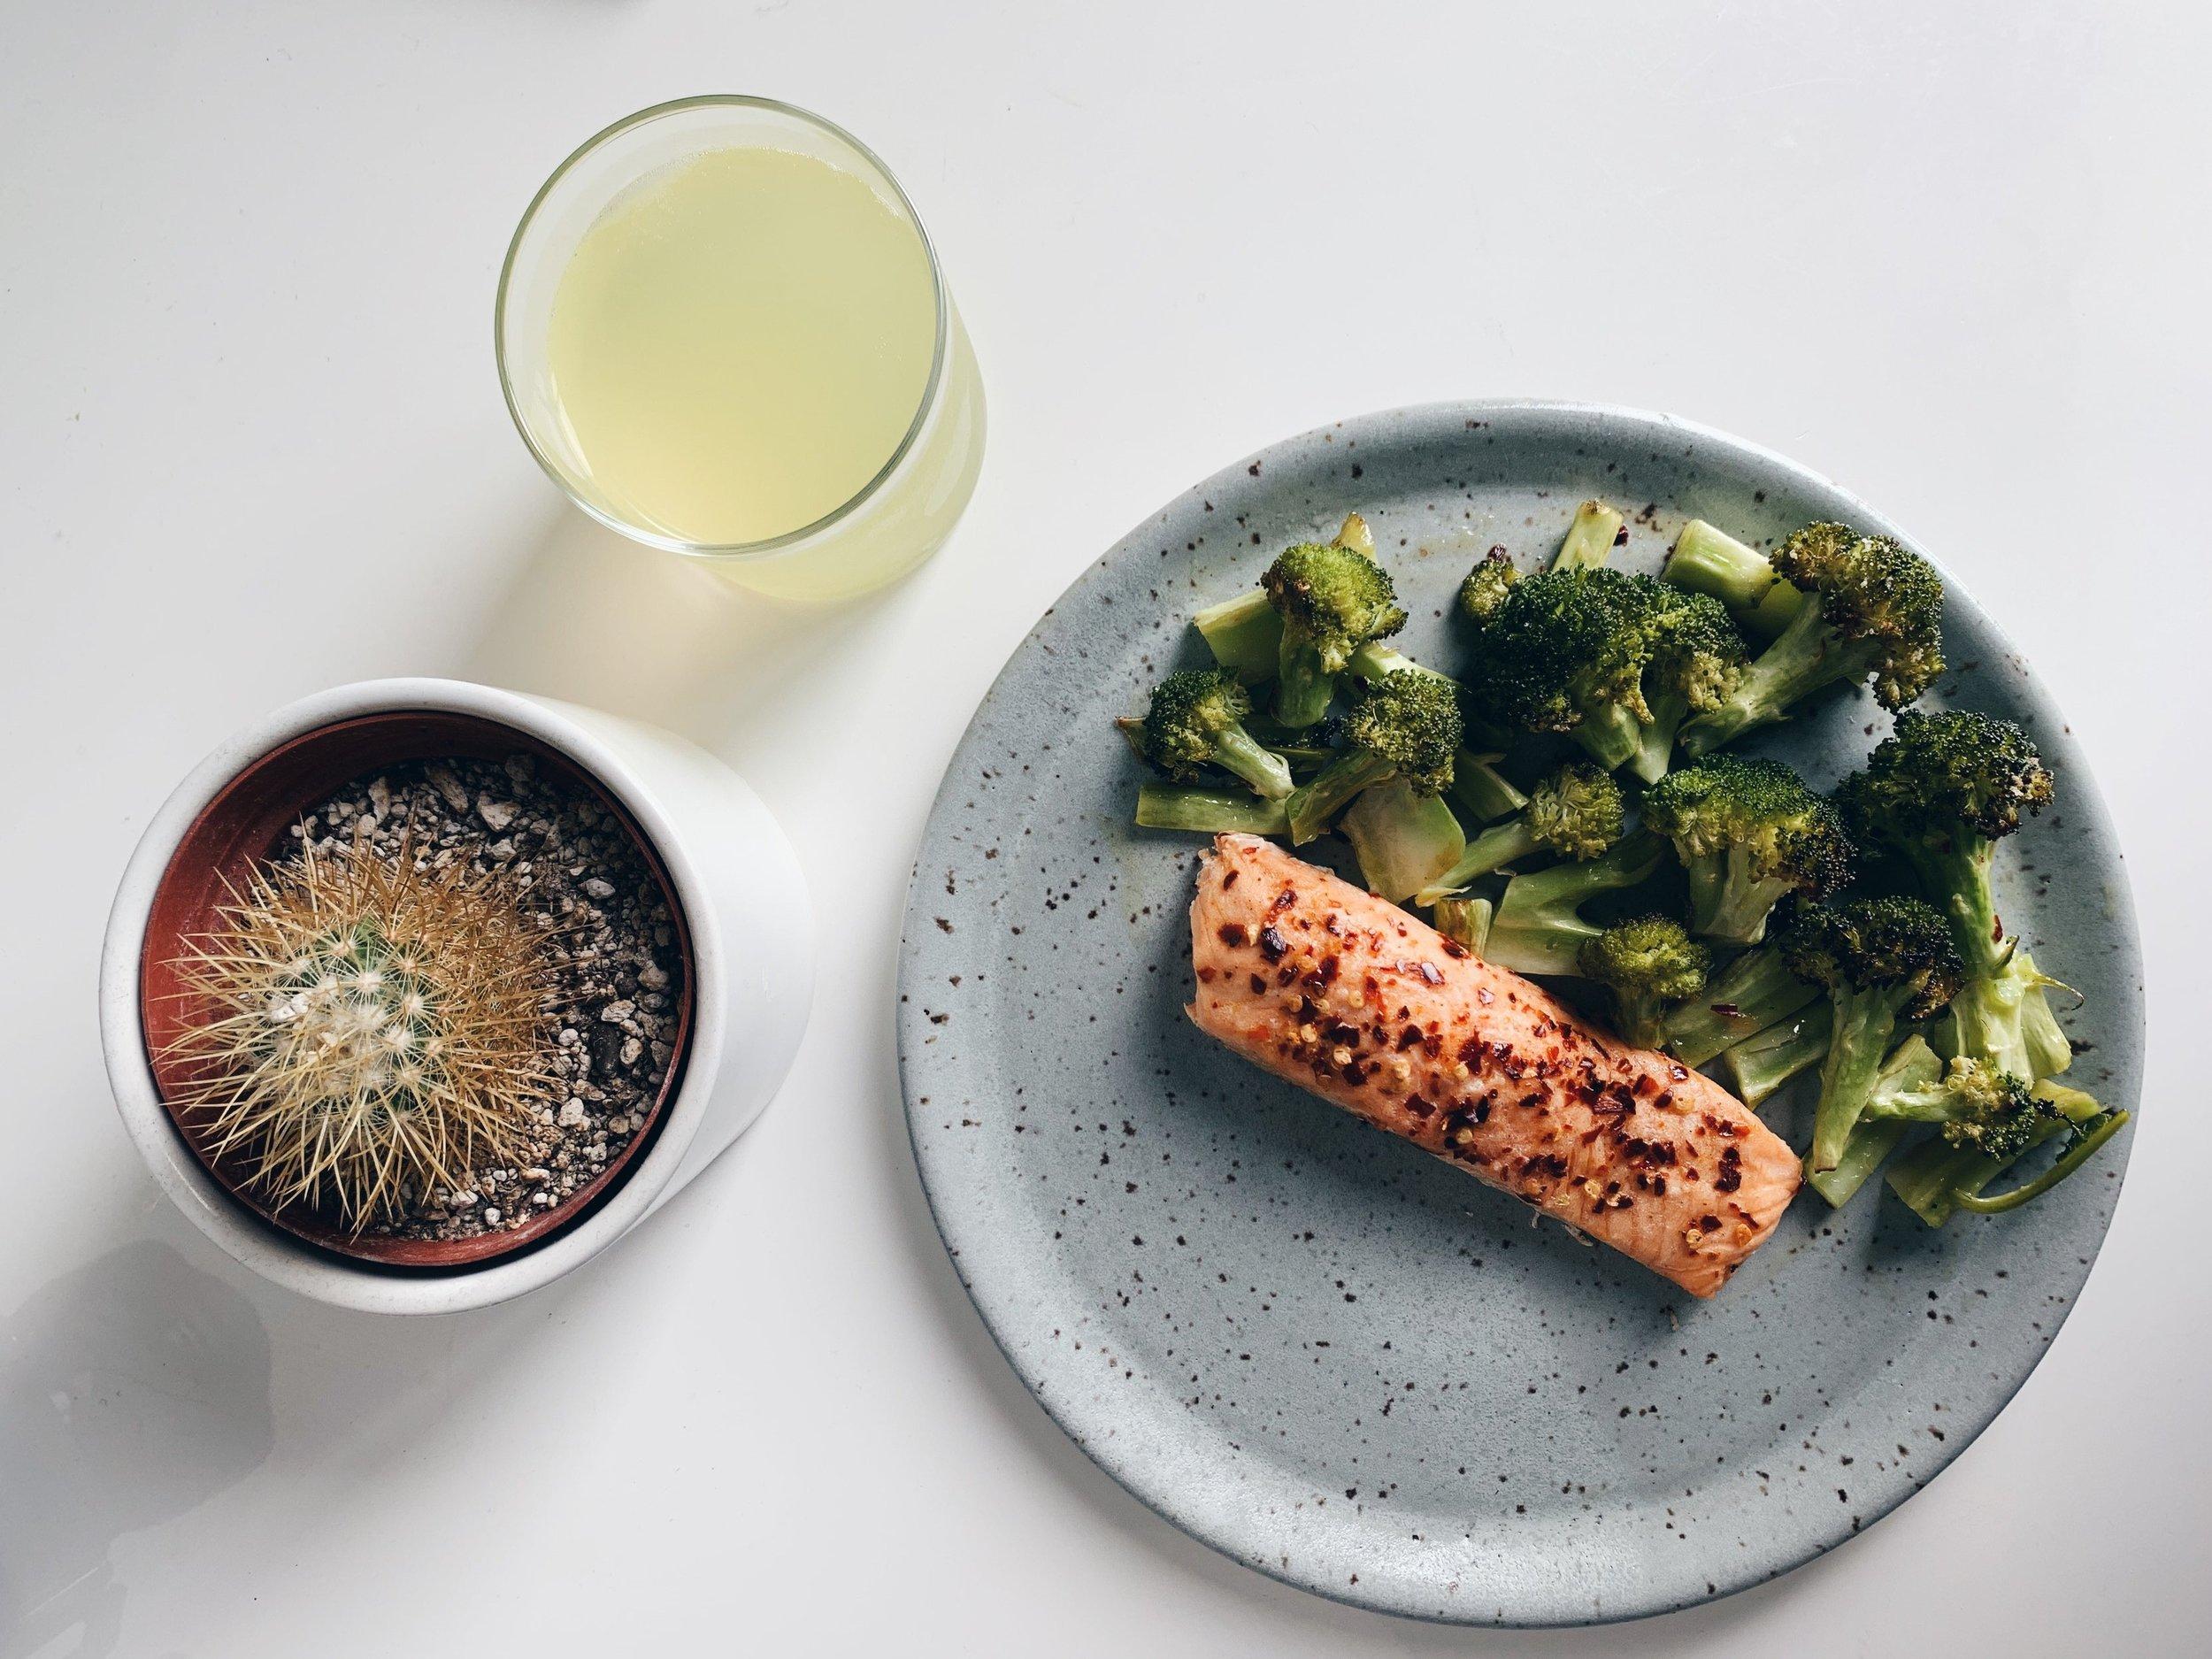 Basic+Girl+Baked+Salmon+%26+Citrus+Broccoli+Dinner+-+Keto%2C+Paleo%2C+Low+Carb+-+livethelittlethings.com+-+done+dish.jpg